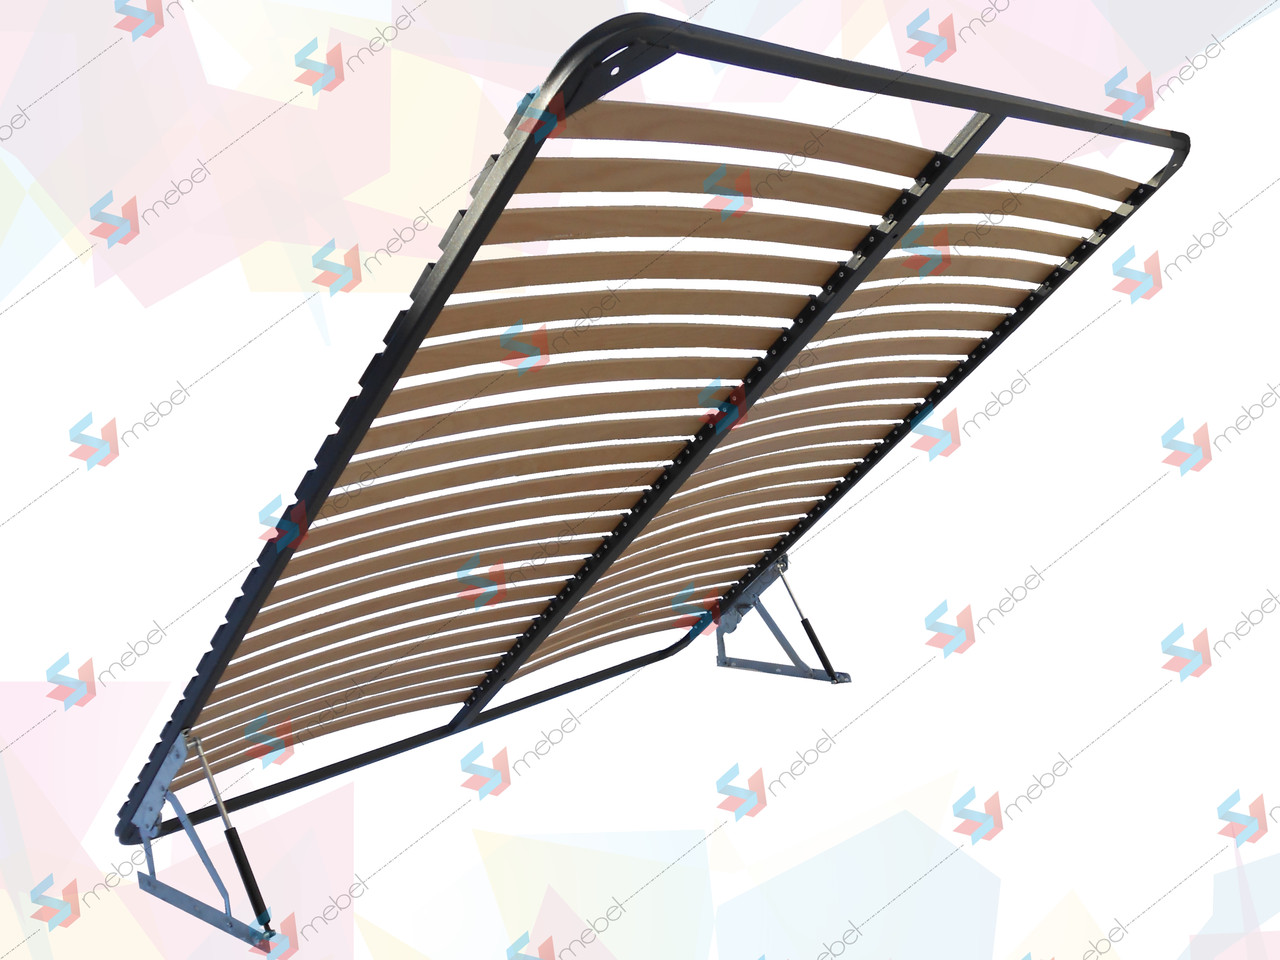 Каркас кровати ортопедический двухспальный с подъемным механизмом(с фиксатором) 2000х1800 мм - SVmebel в Мелитополе